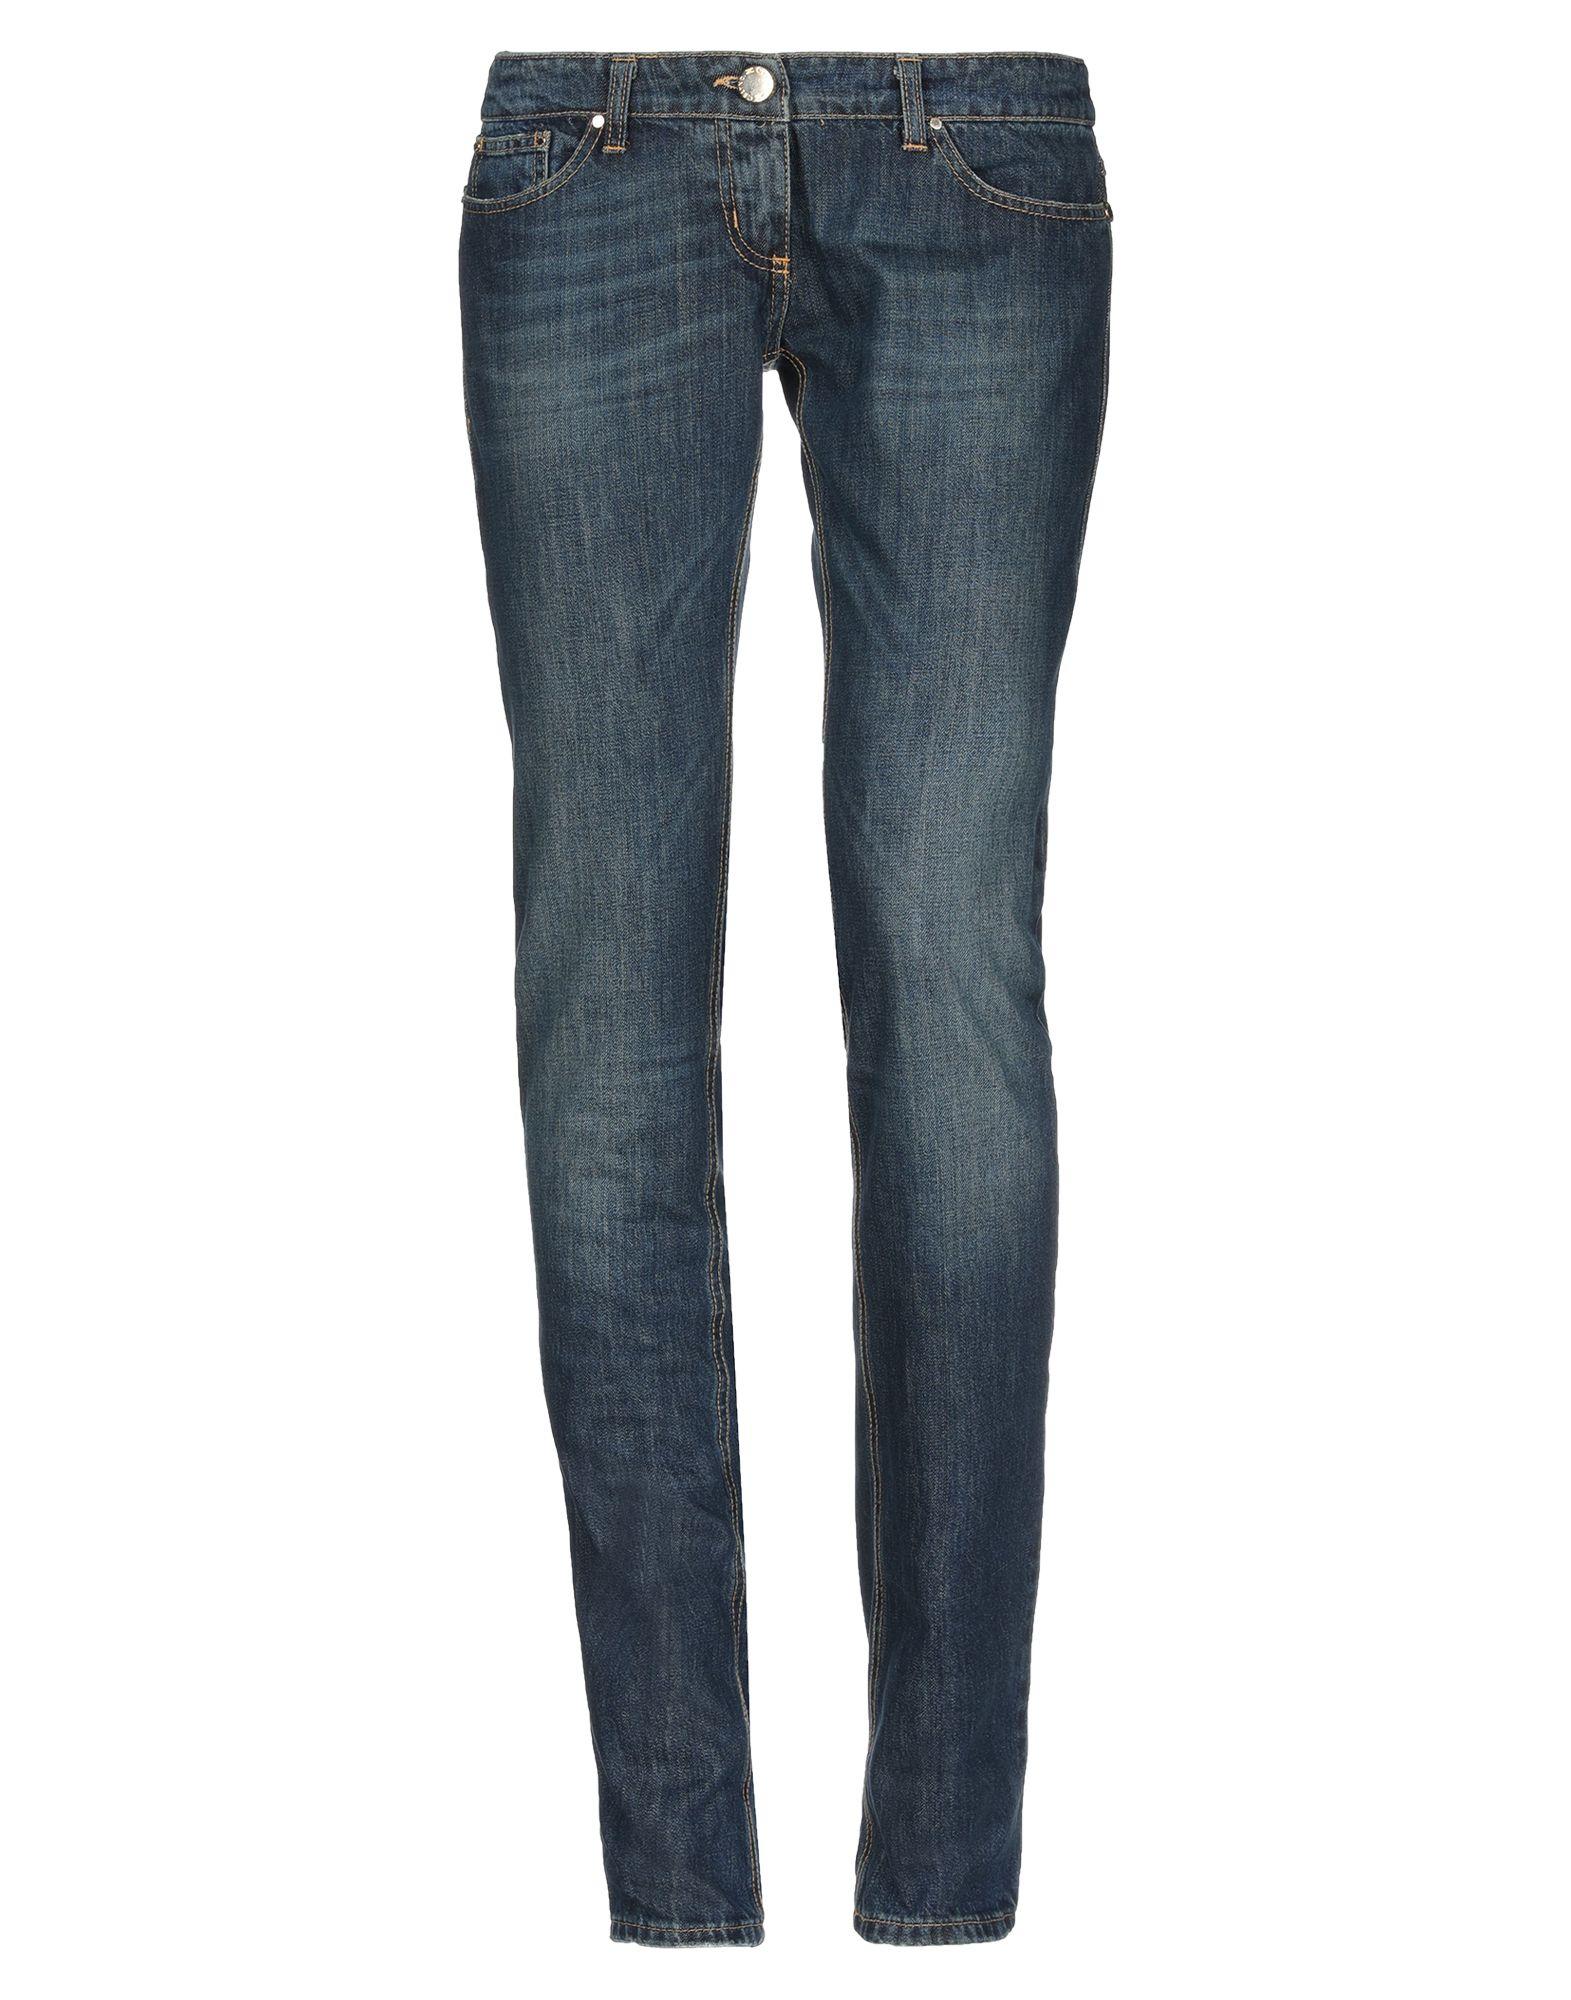 ELISABETTA FRANCHI JEANS for CELYN B. Джинсовые брюки цена в Москве и Питере